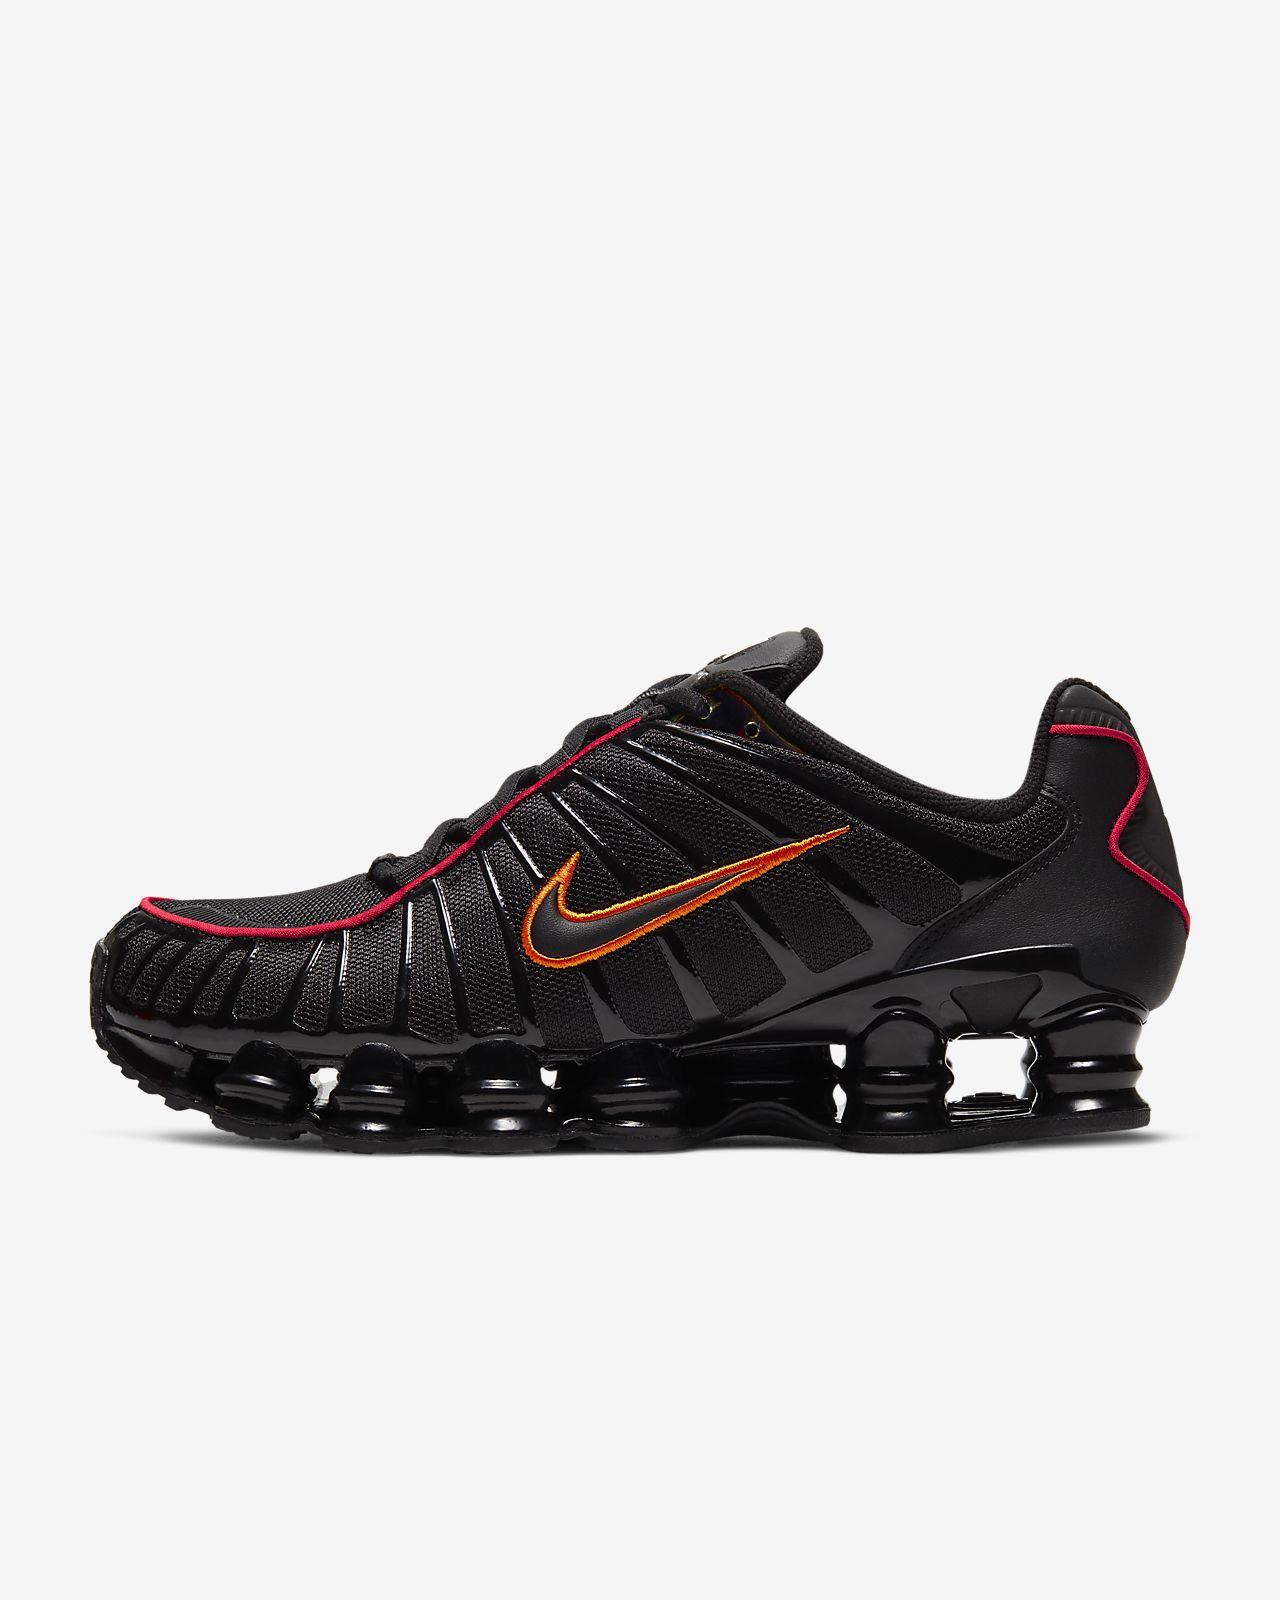 Ανδρικό παπούτσι Nike Shox TL